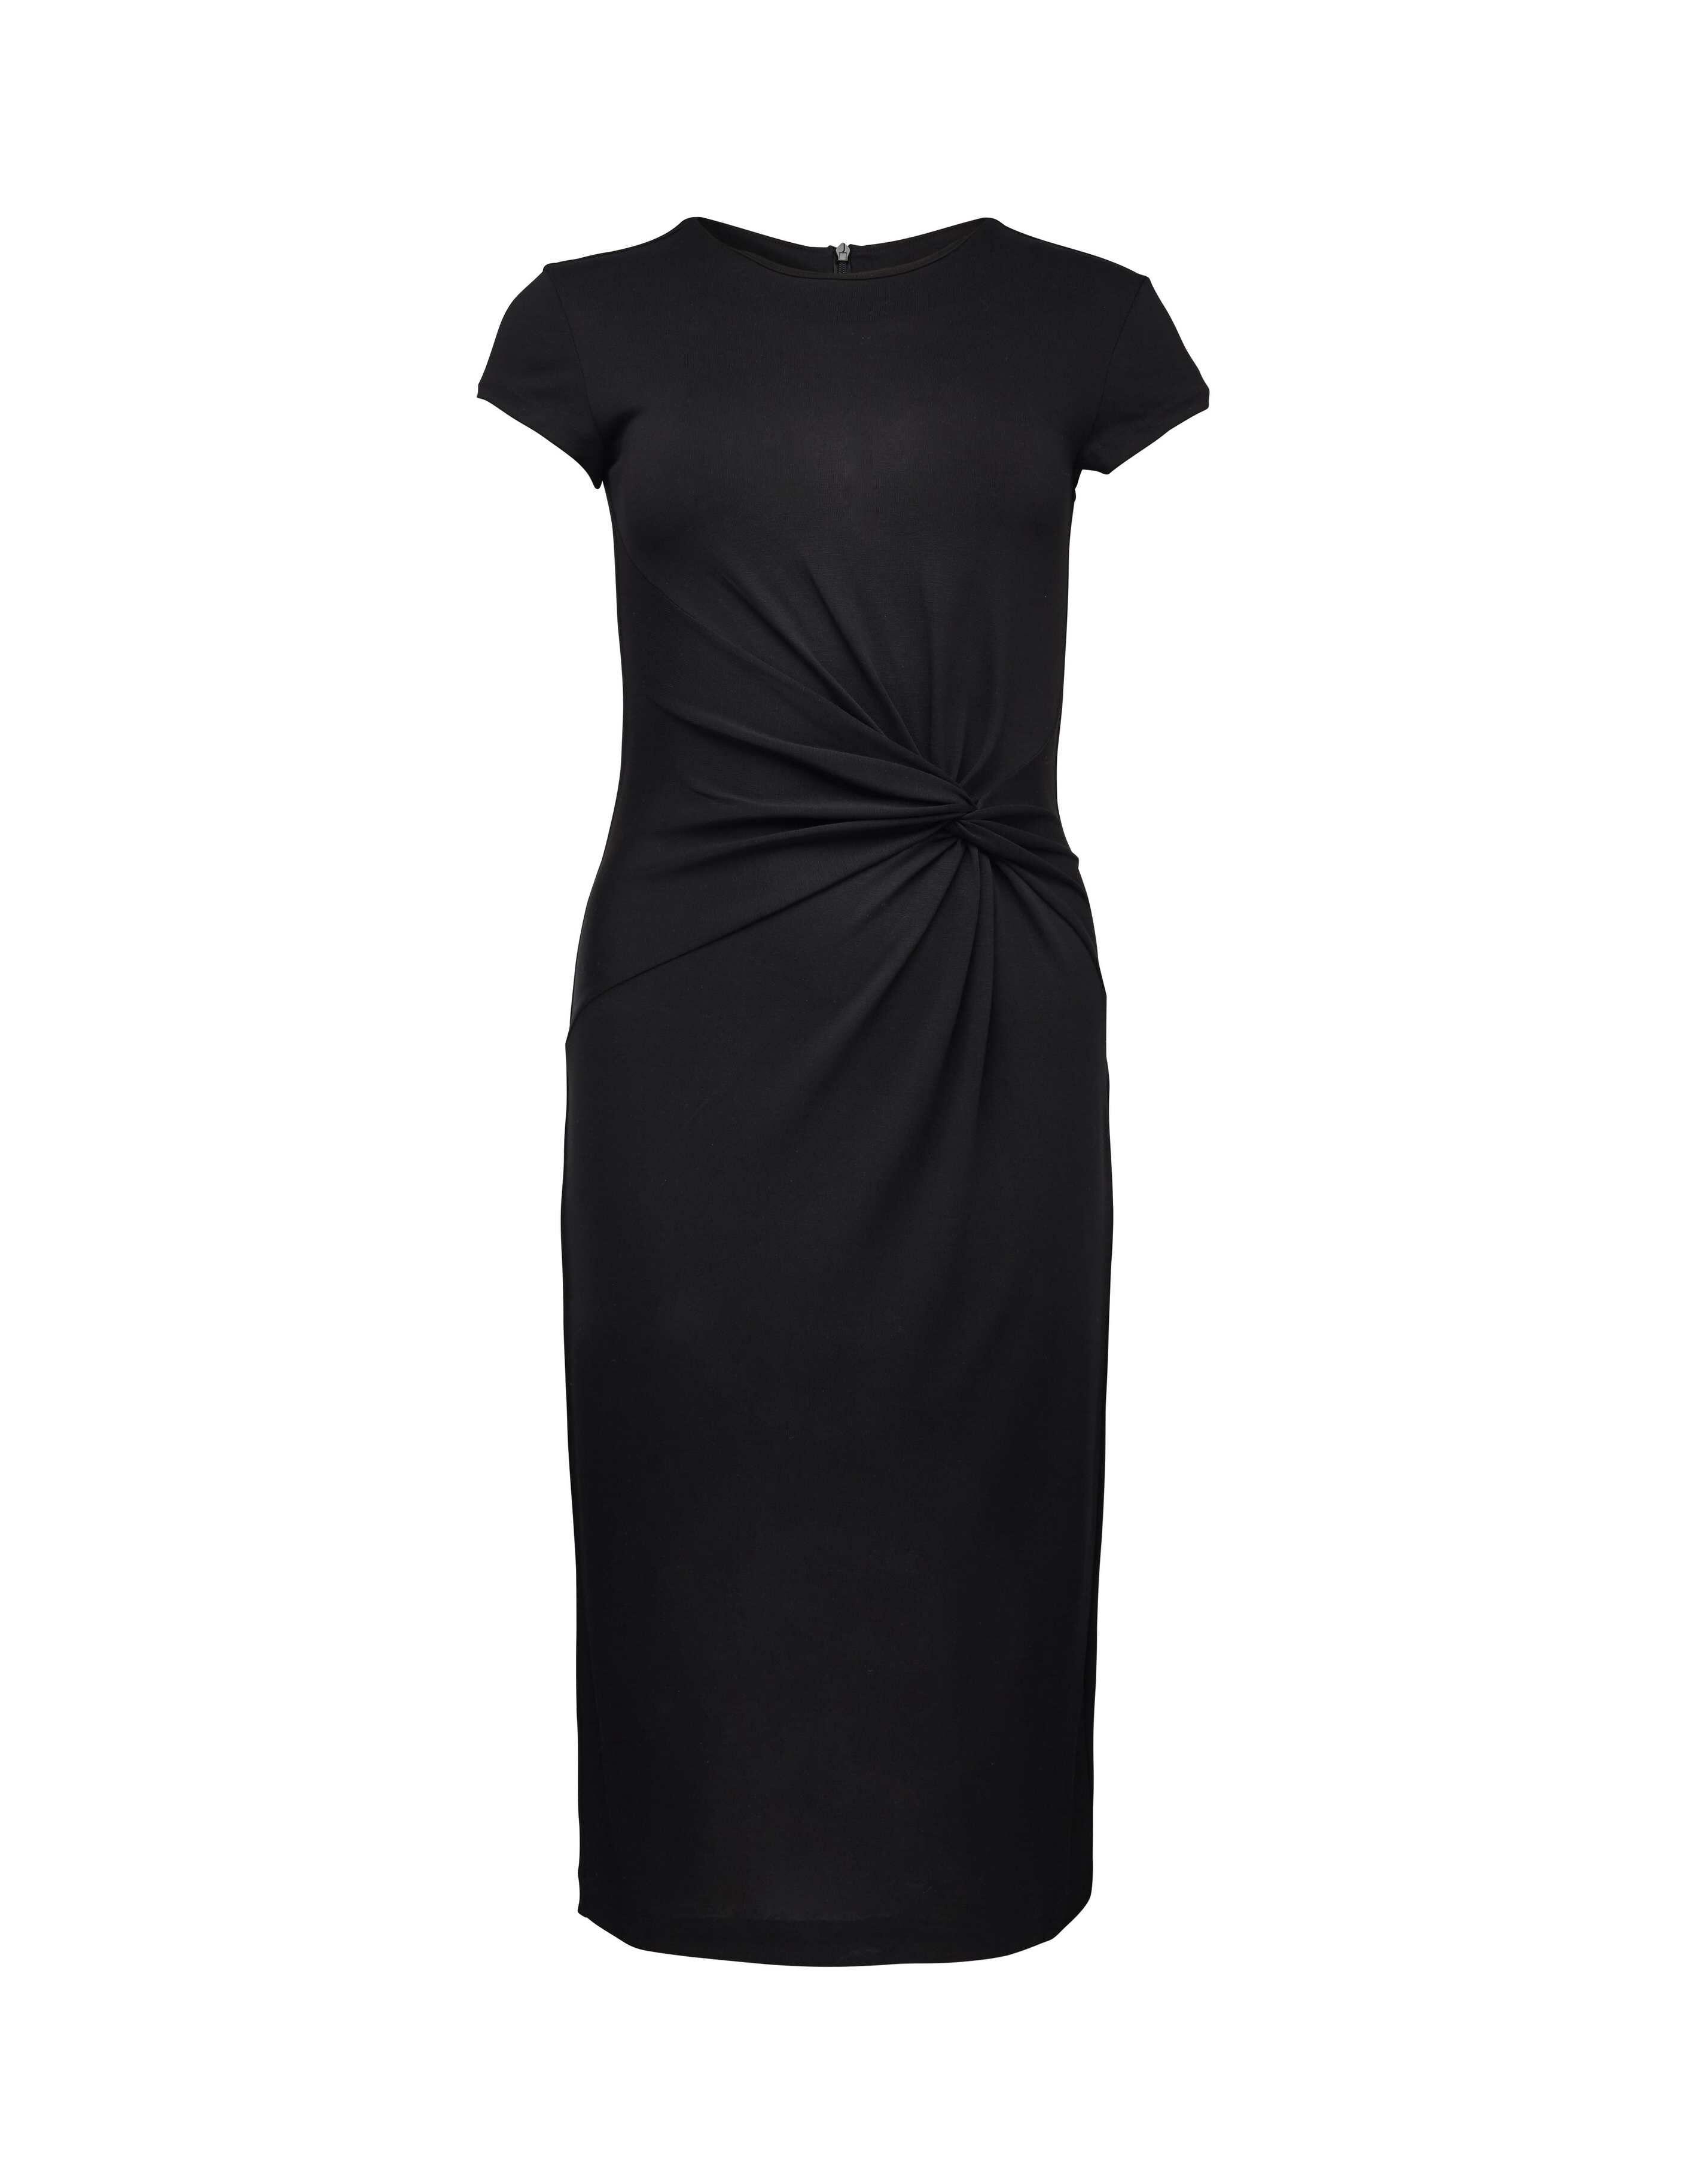 Meline Kleid Damen Online kaufen